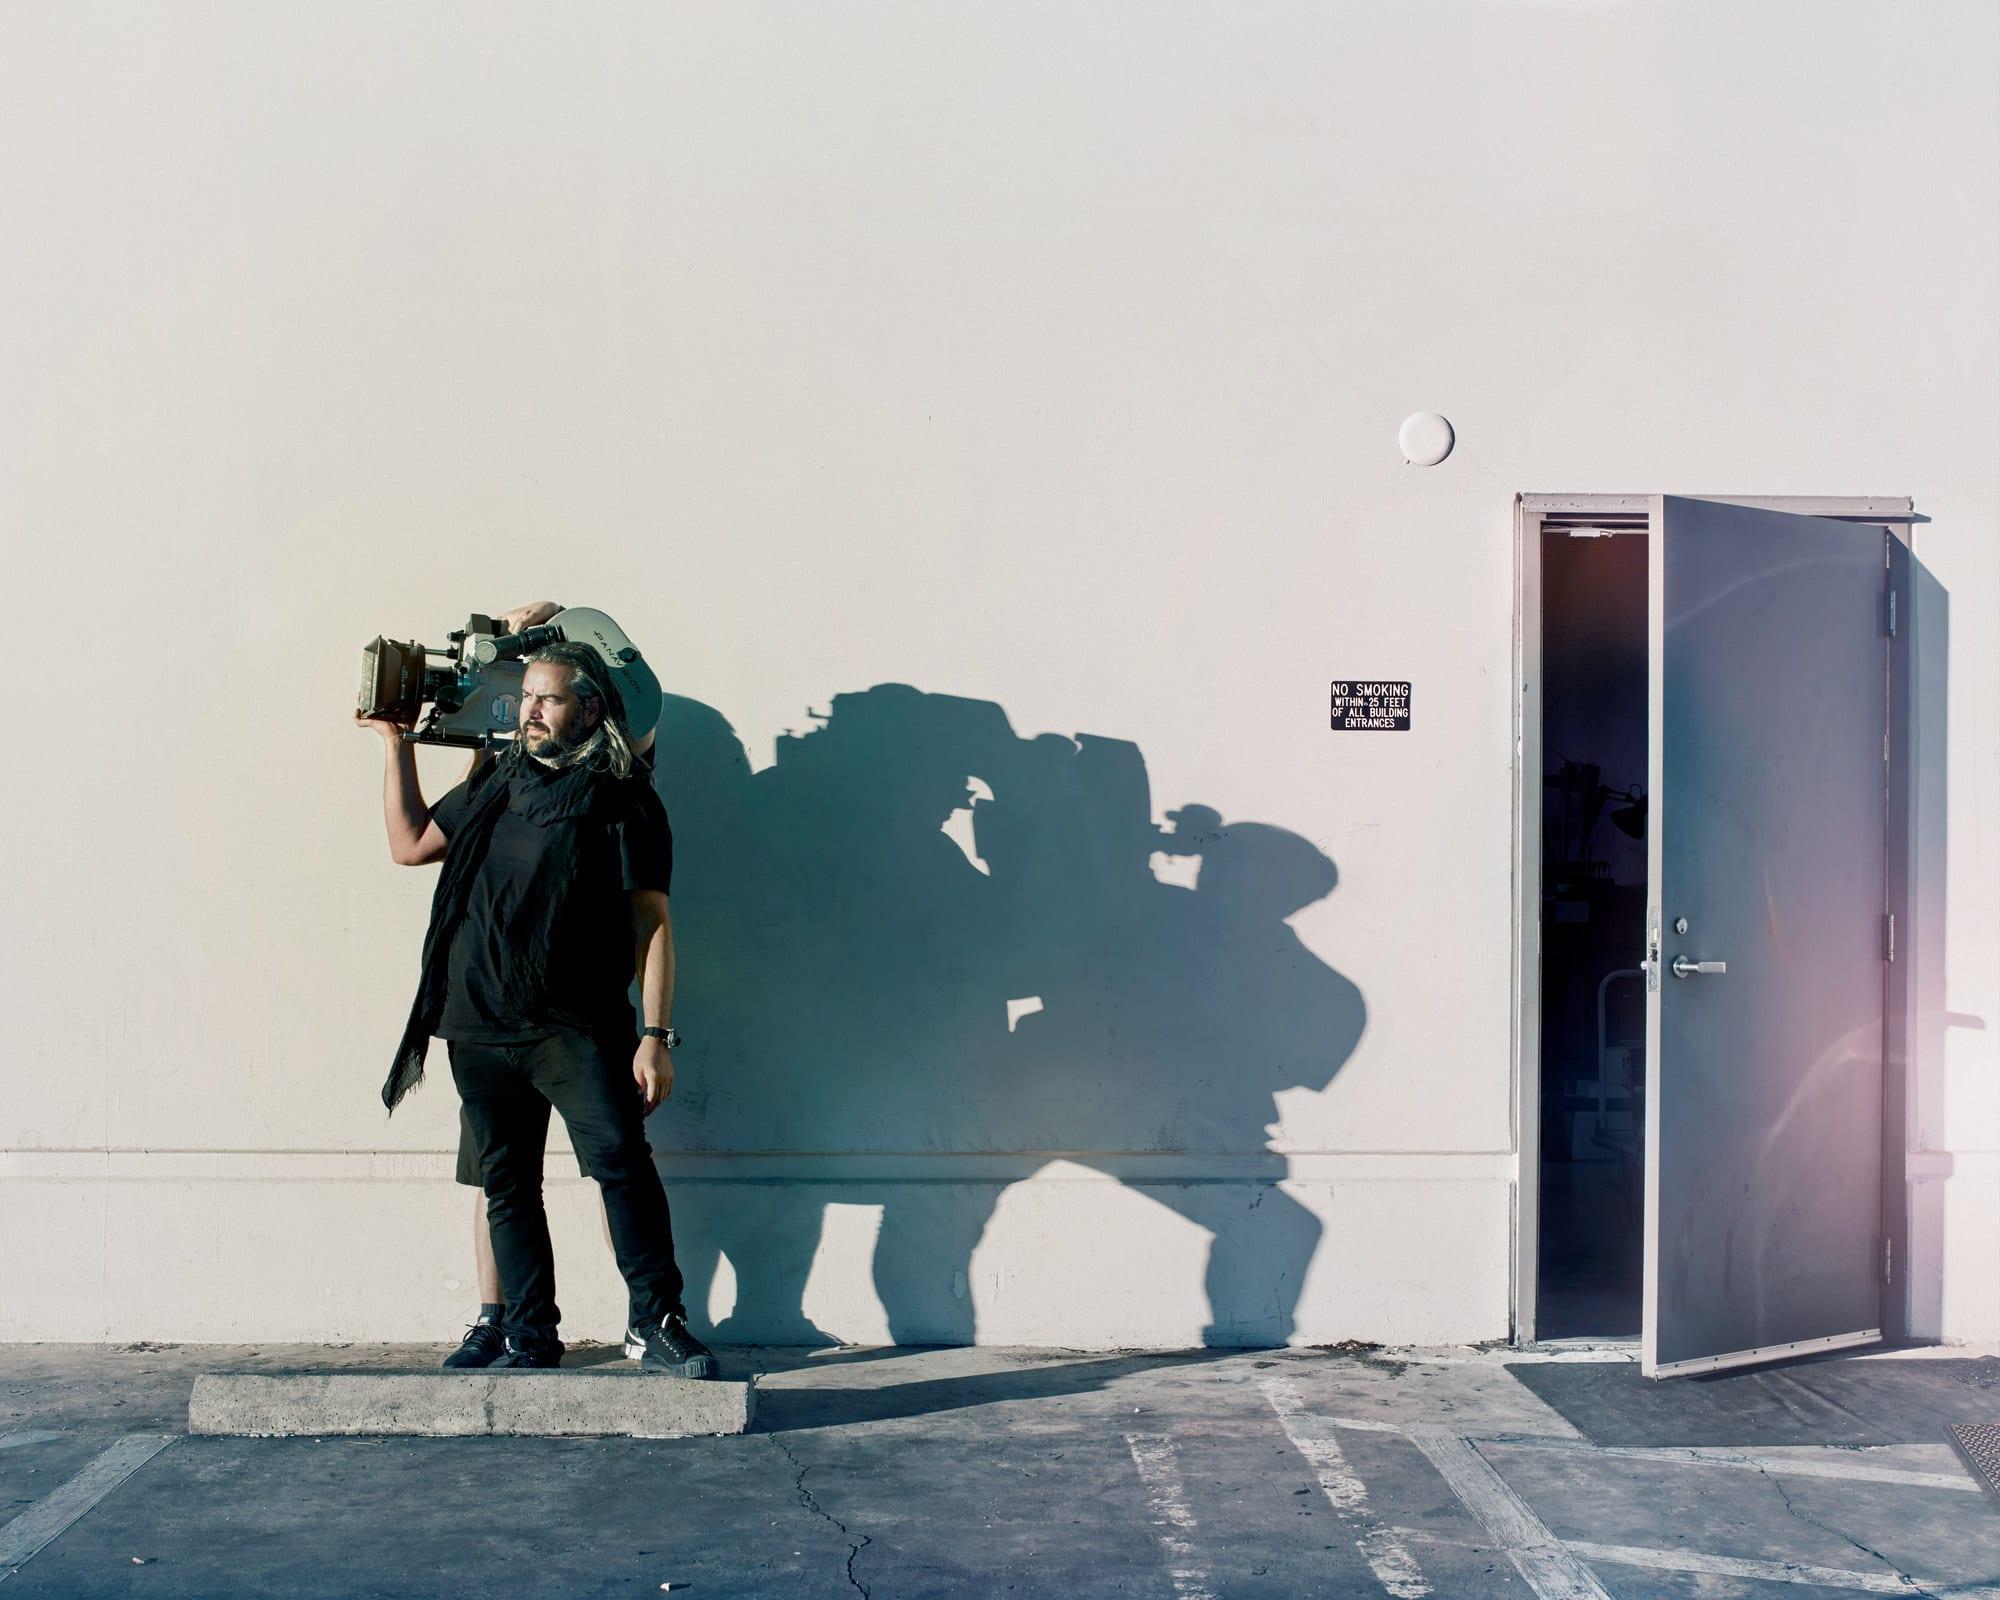 Hoyte von Hoytema, cinematographer